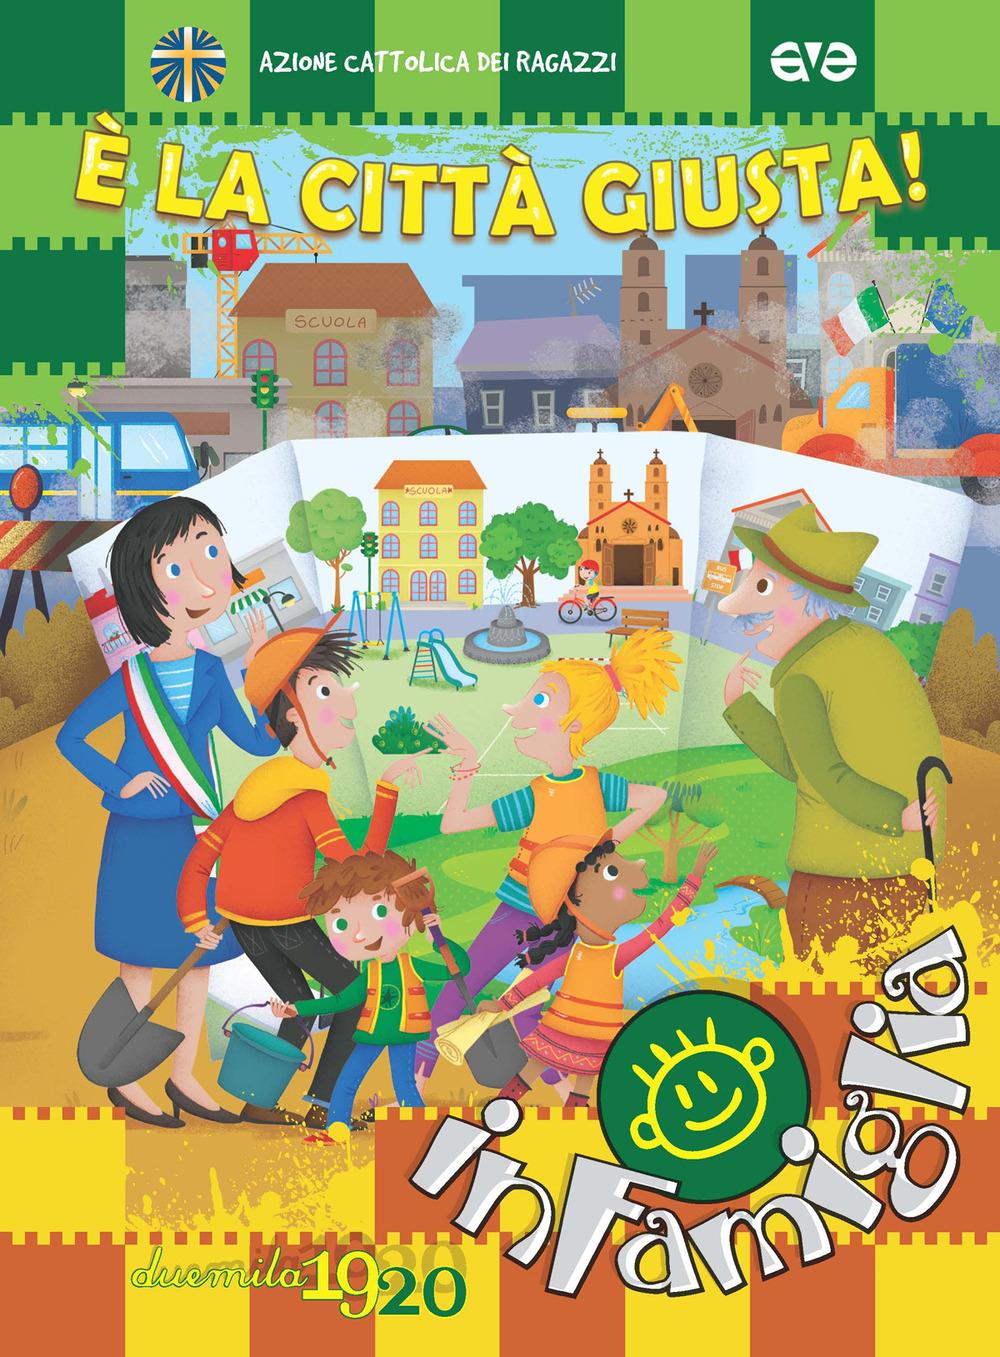 È LA CITTÀ GIUSTA! PER UN CAMMINO IN FAMIGLIA 2019/2020. EDIZ. A SPIRALE - Azione Cattolica ragazzi (cur.) - 9788832711479